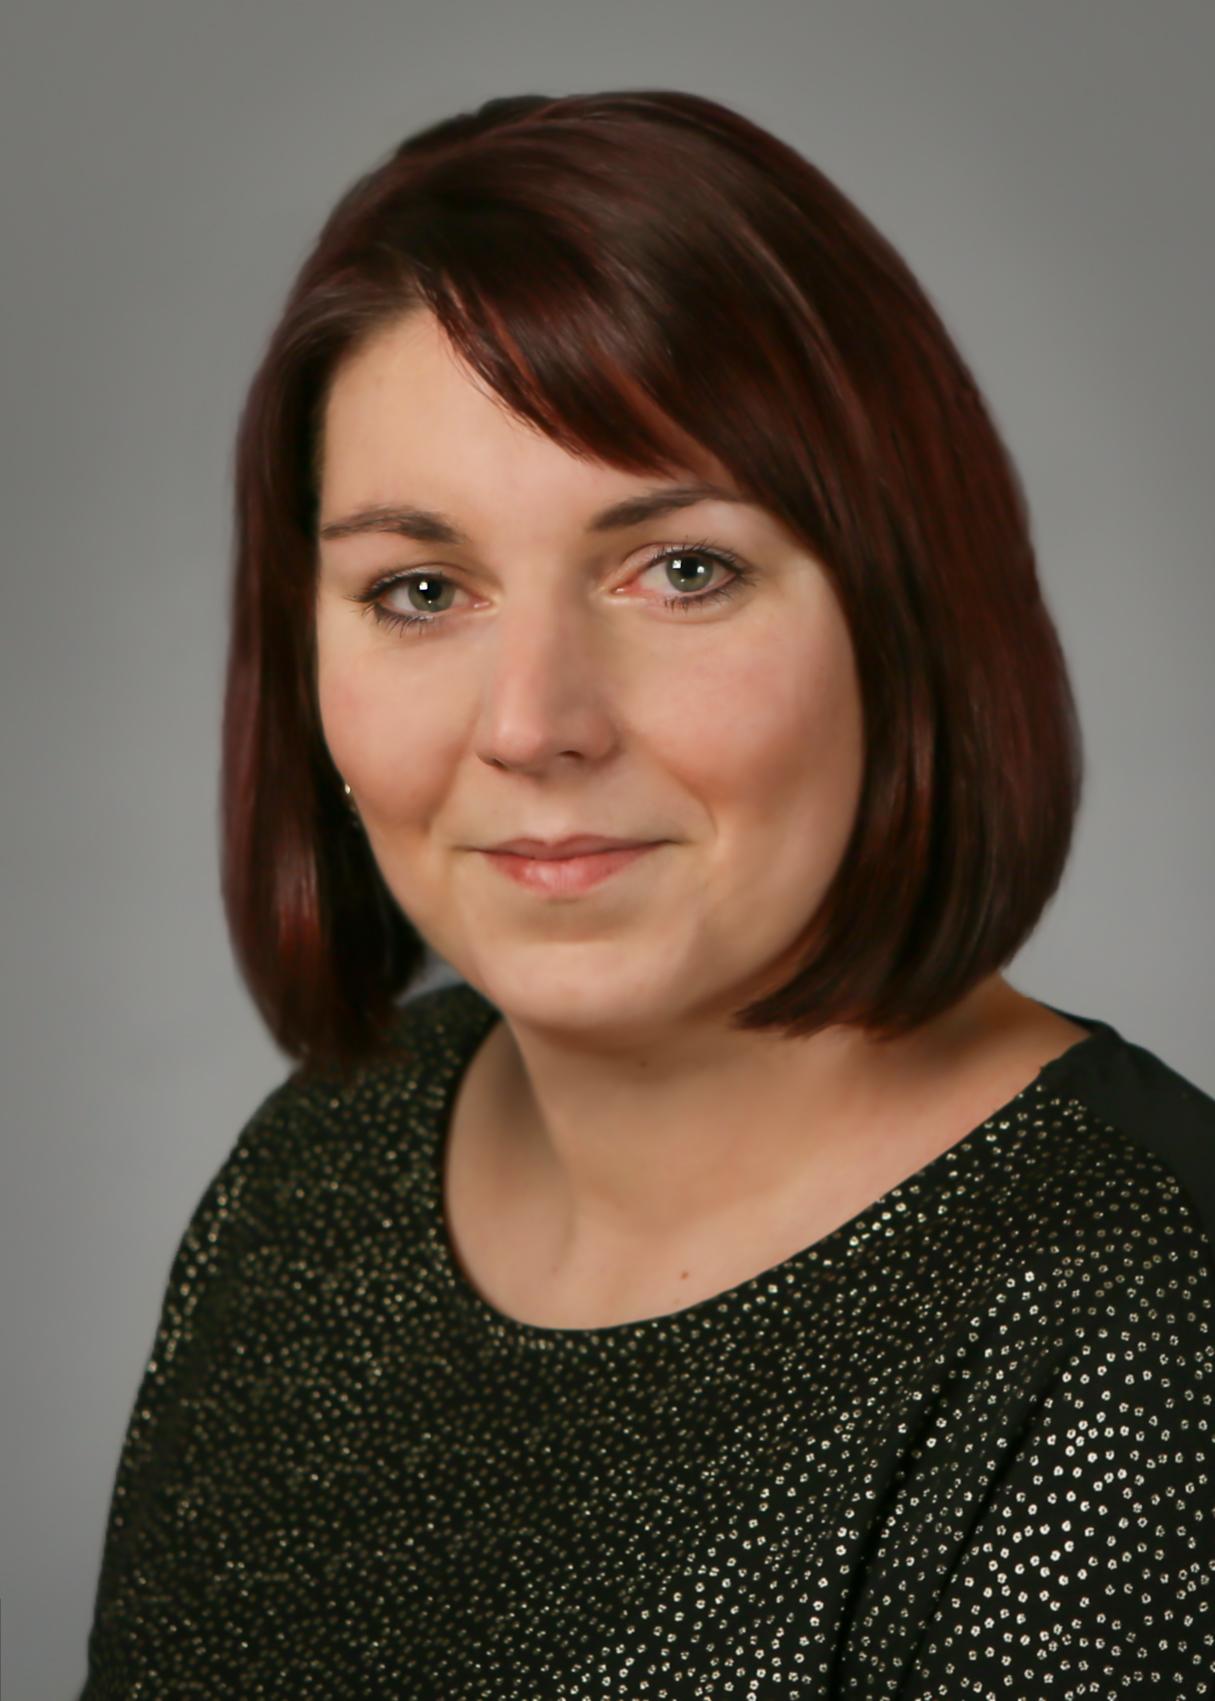 Frau Eichhorst